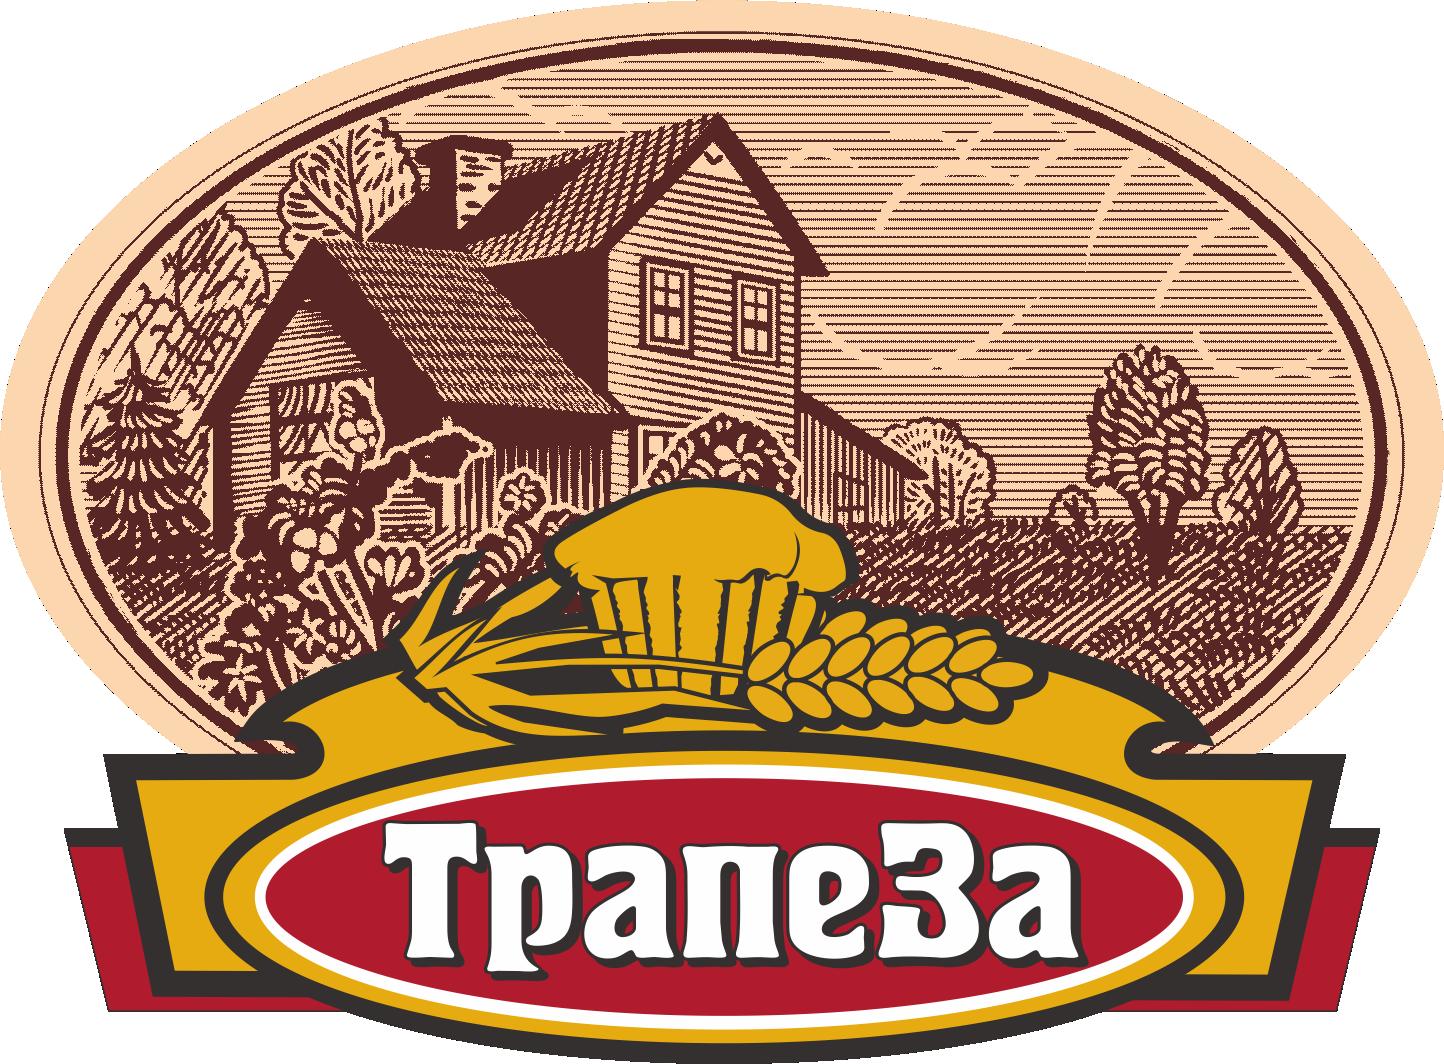 """Trapeza - Торгово-производственная компания """"ХК Трапеза"""" в Алматы — хлебобулочные изделия, хлеб, кондитерские изделия, батон, булочки, пряники, выпечка, печенье, торты, торт, торты на заказ алматы, пирожные, панировочные сухари, сухари, сухарики, сушки, диета при сахарном диабете, питание при сахарном диабете"""